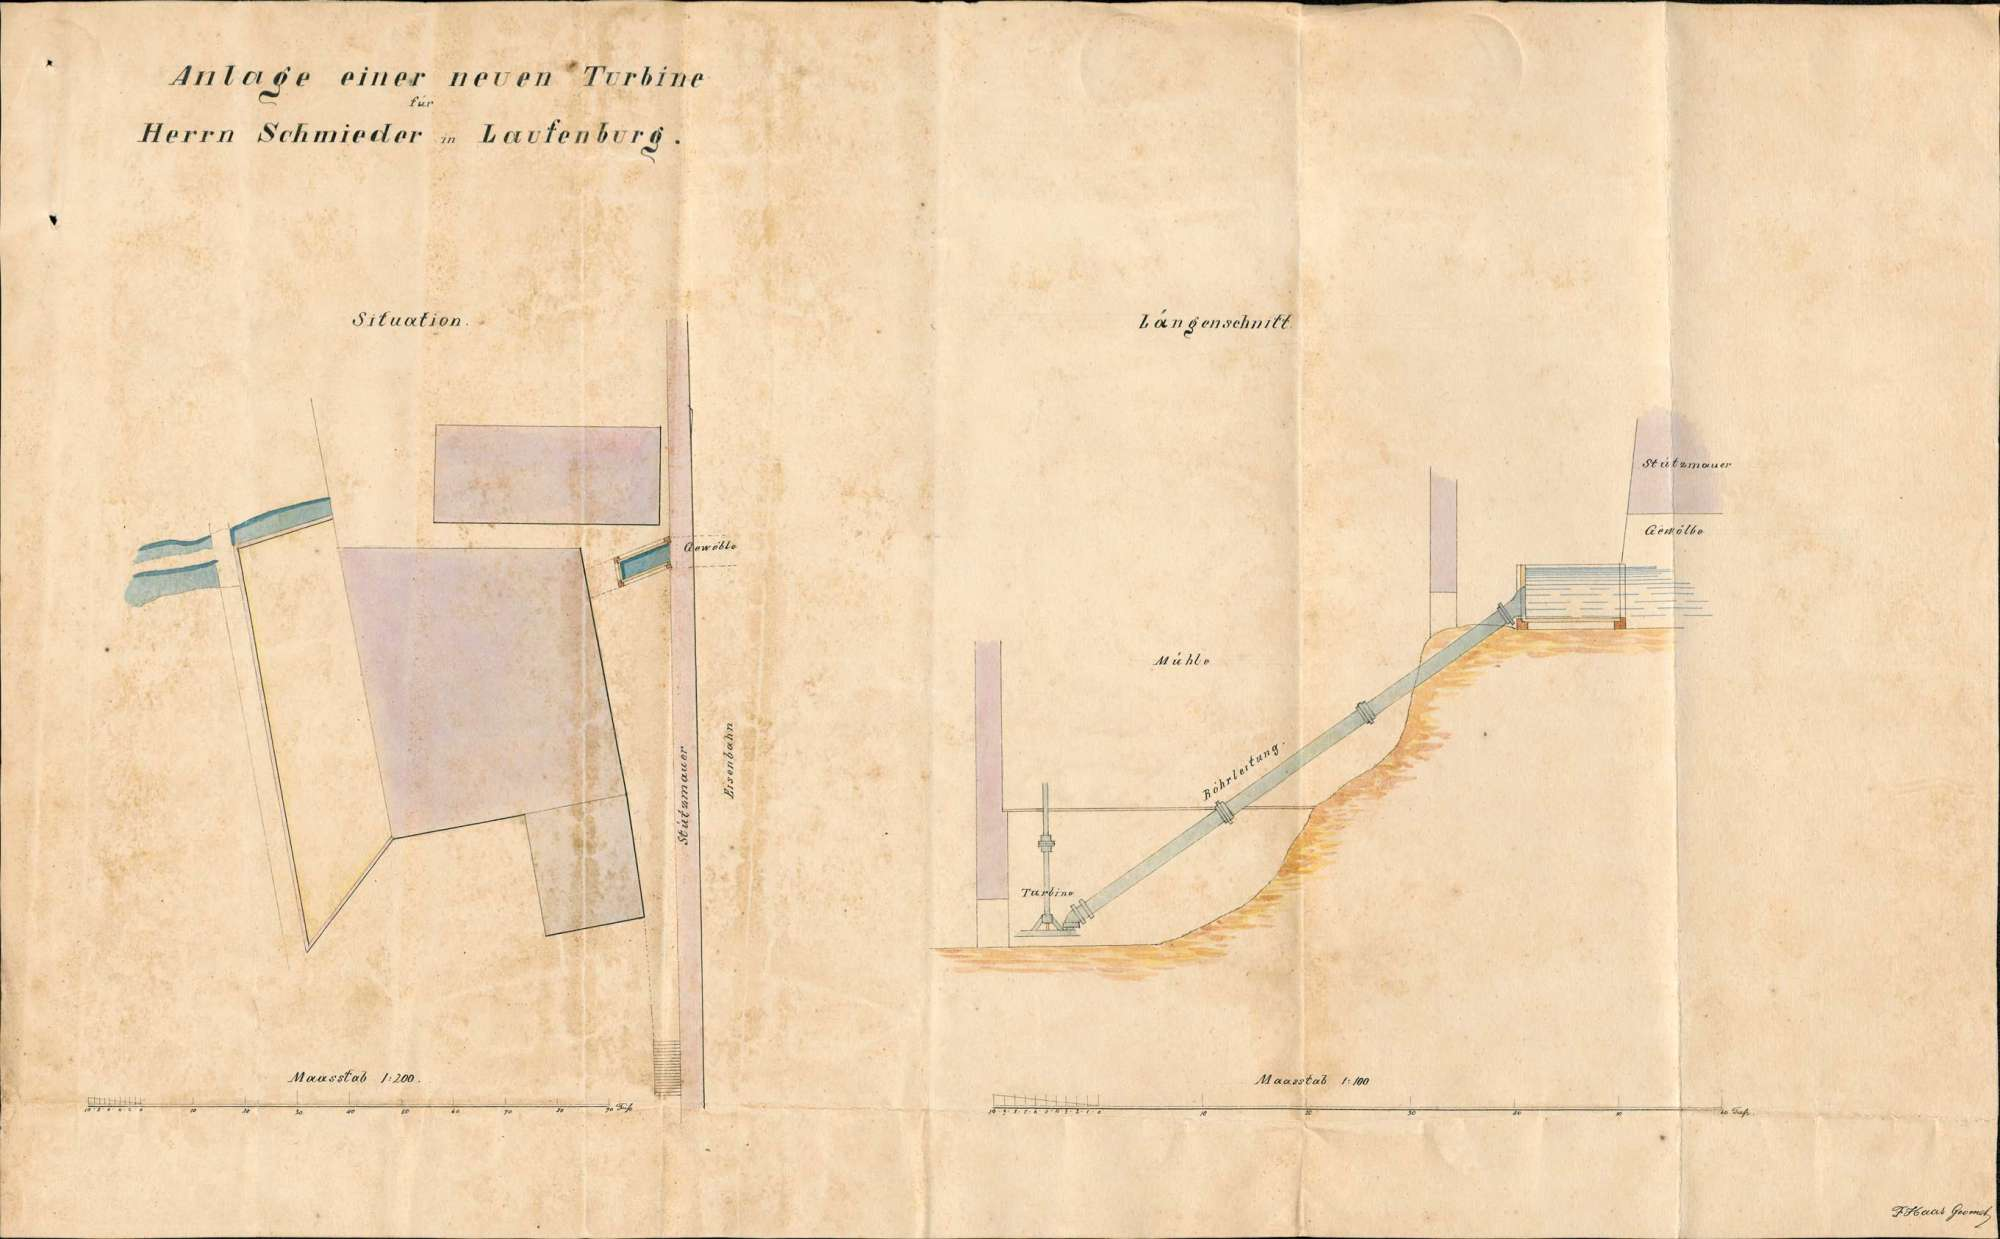 Konzessionsgesuch für den Einbau einer neuen Turbinenanlage in der Mühle des Joseph Schmieder in Kleinlaufenburg, Bild 1